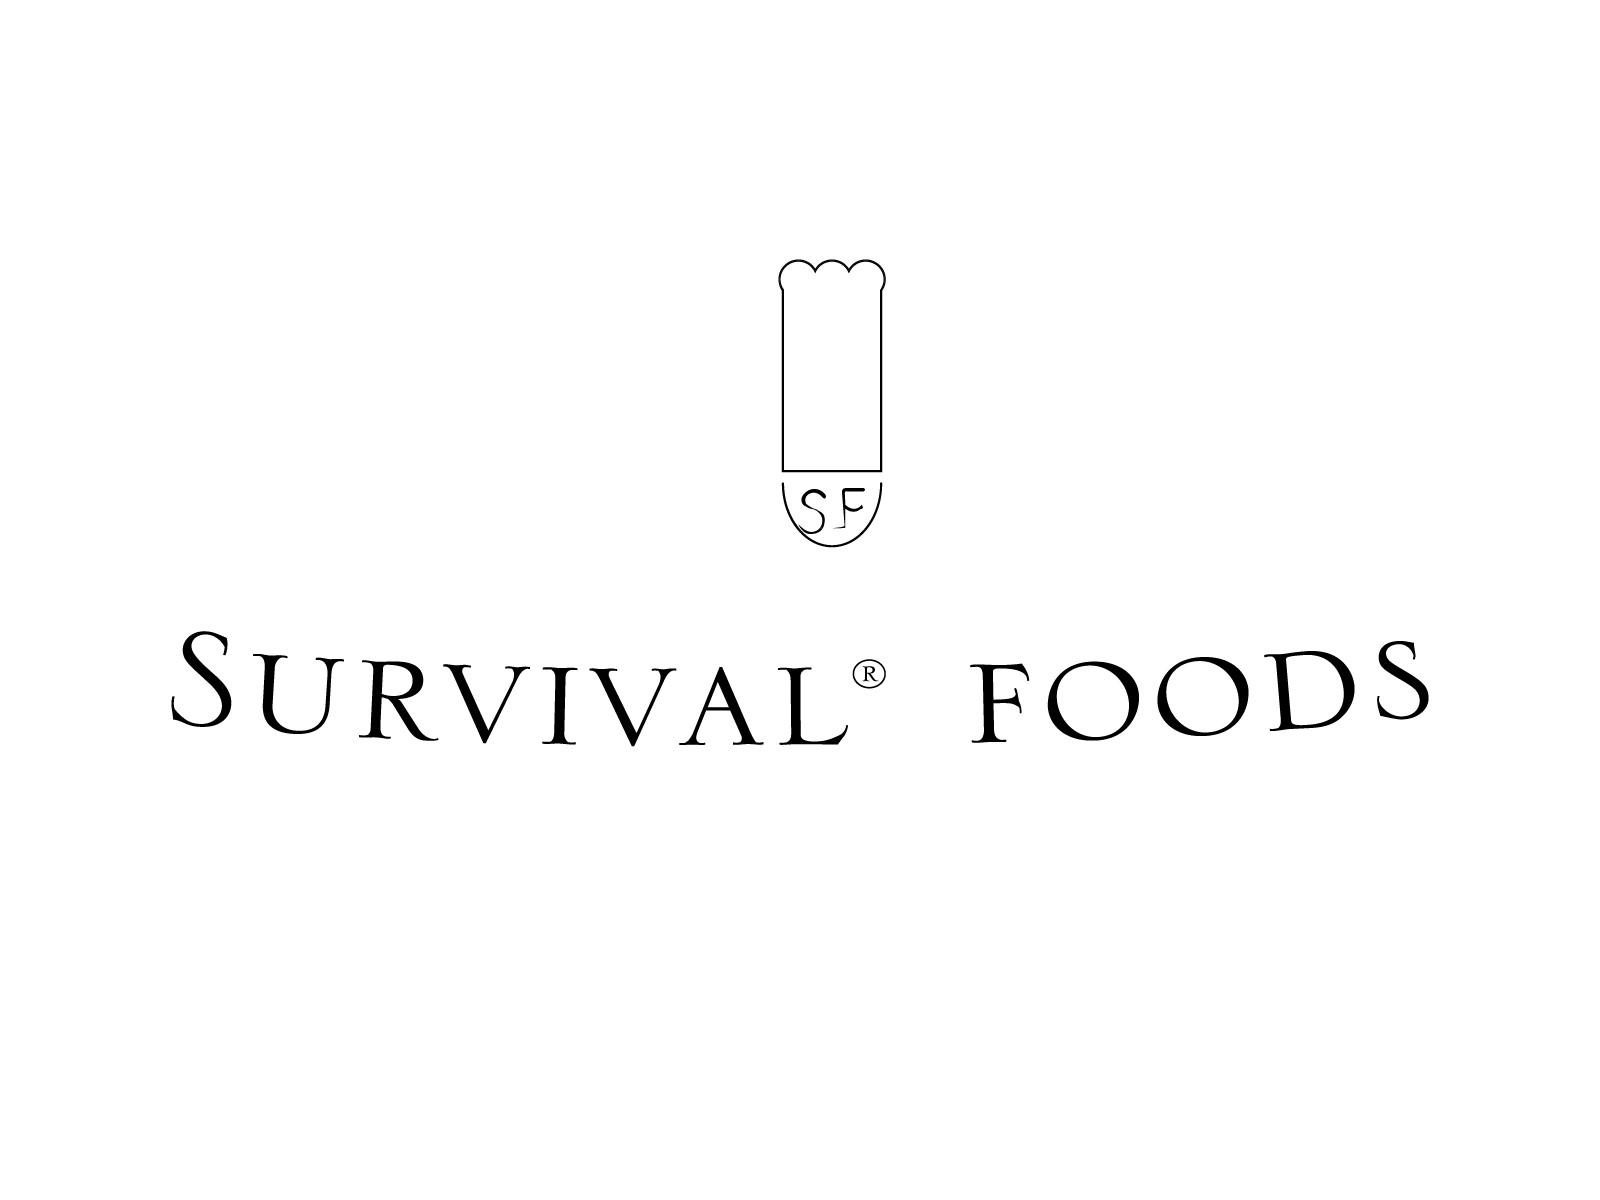 works_survivalfoods_logo_01